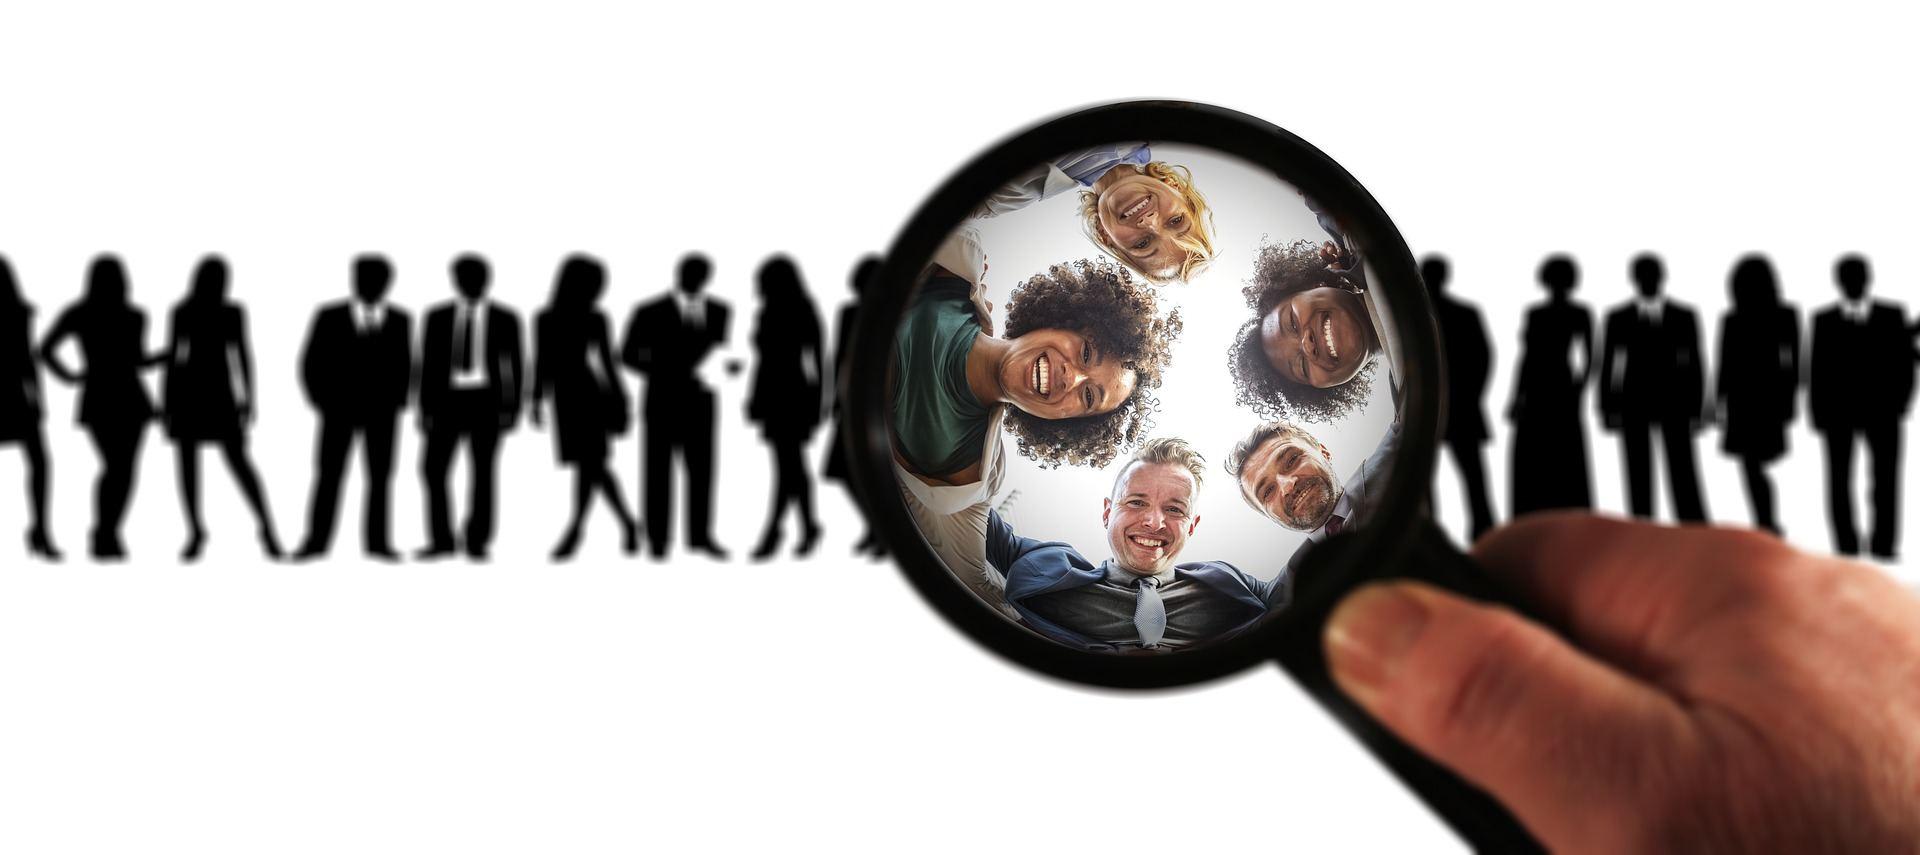 אנשים ספציפים בתוך זכוכית מגדלת מתוך קבוצה שכולם נראים בה דומה